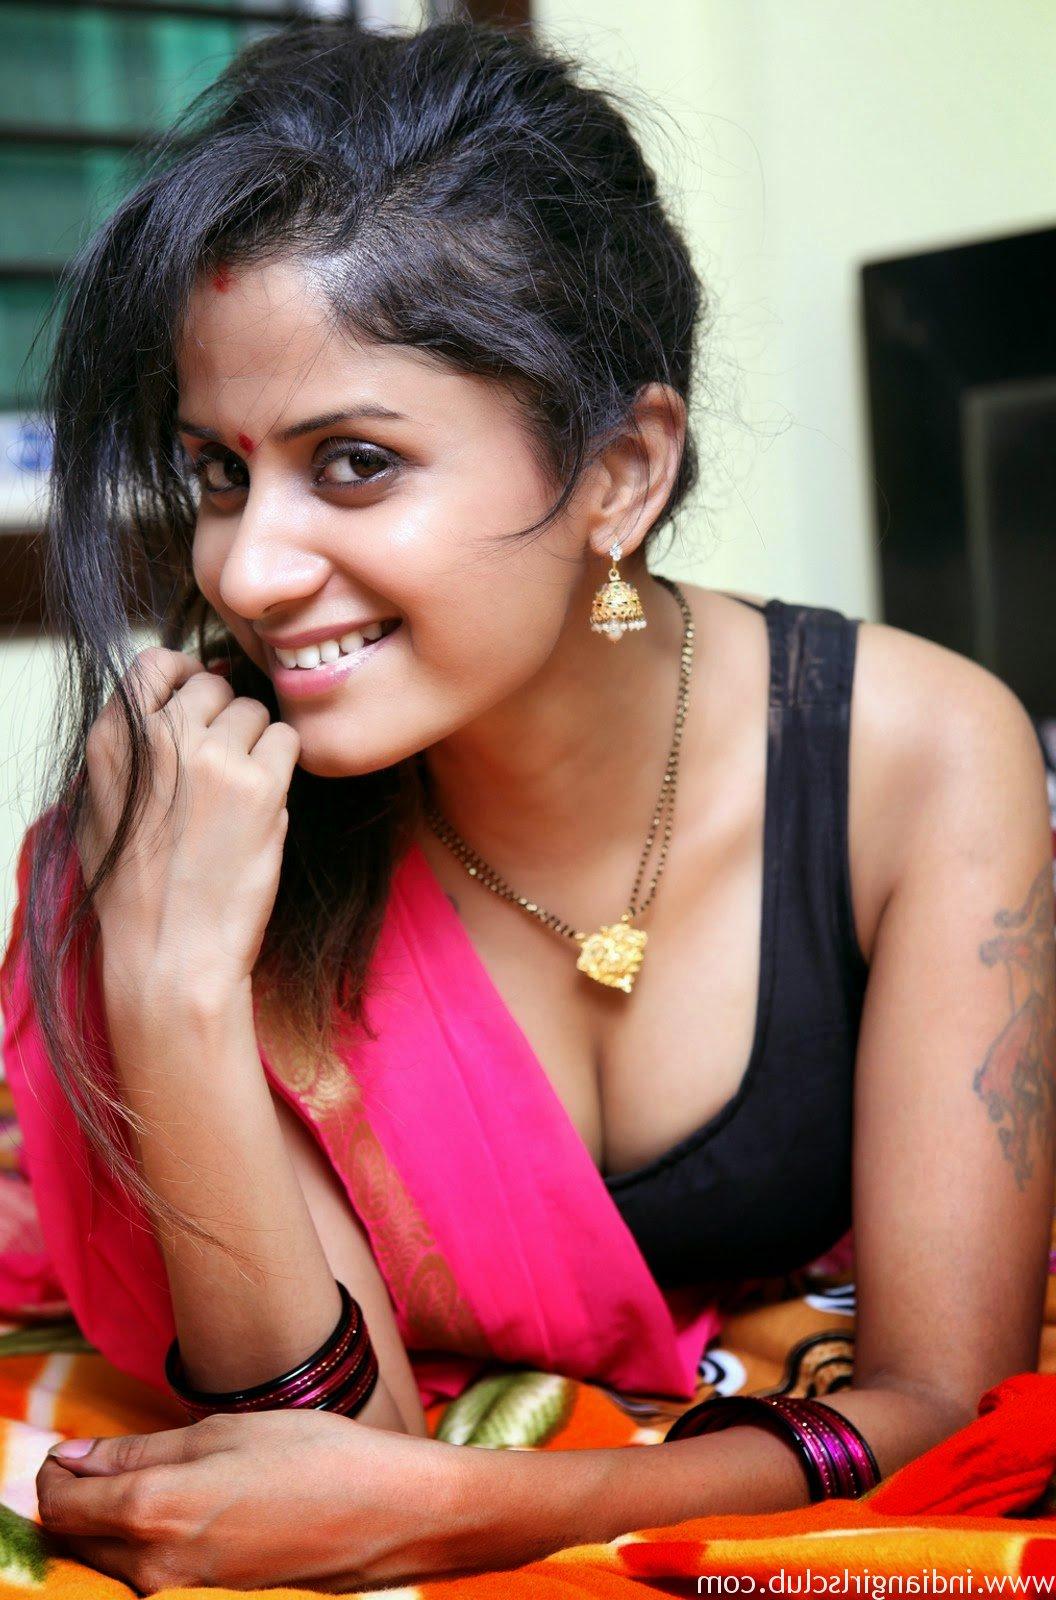 Indian Wife Bhabhi nangi 3 - Indian Wife Bhabhi Nangi Photos Naked Pussy Pics